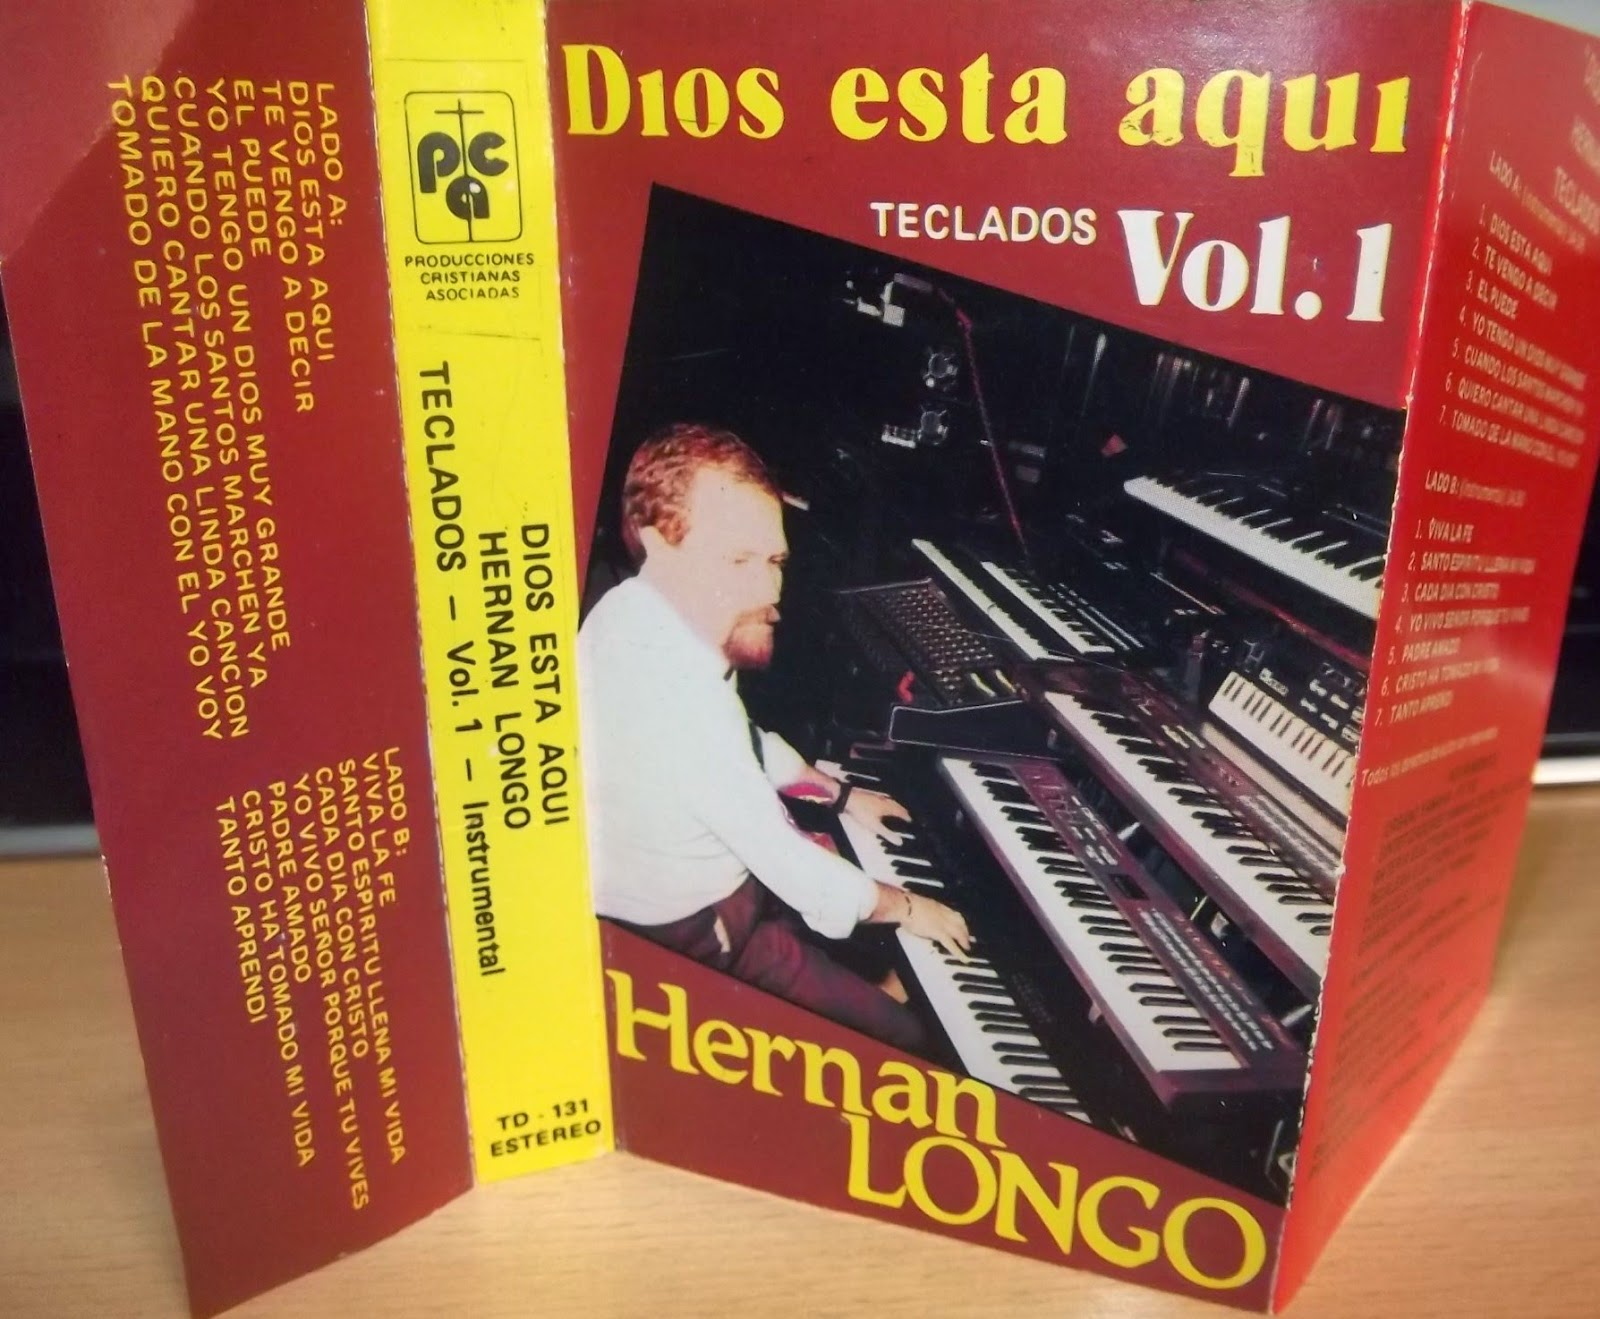 Hernán Longo-Vol 1-Dios Está Aquí-